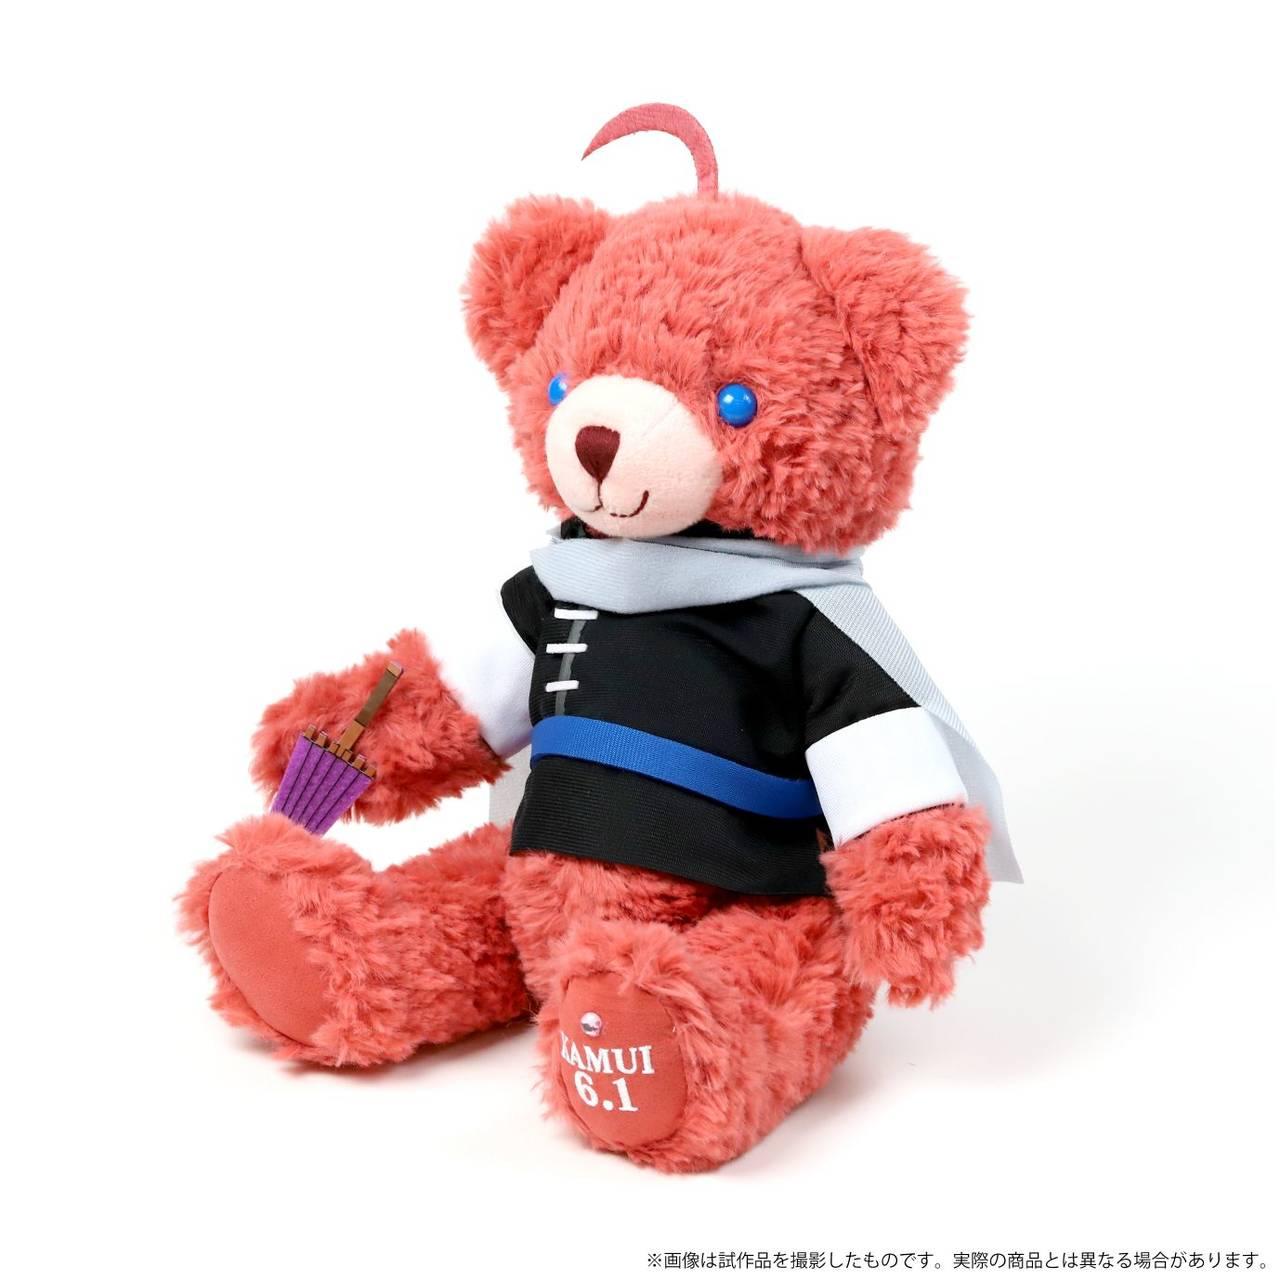 銀魂_バースデーセット 神威5